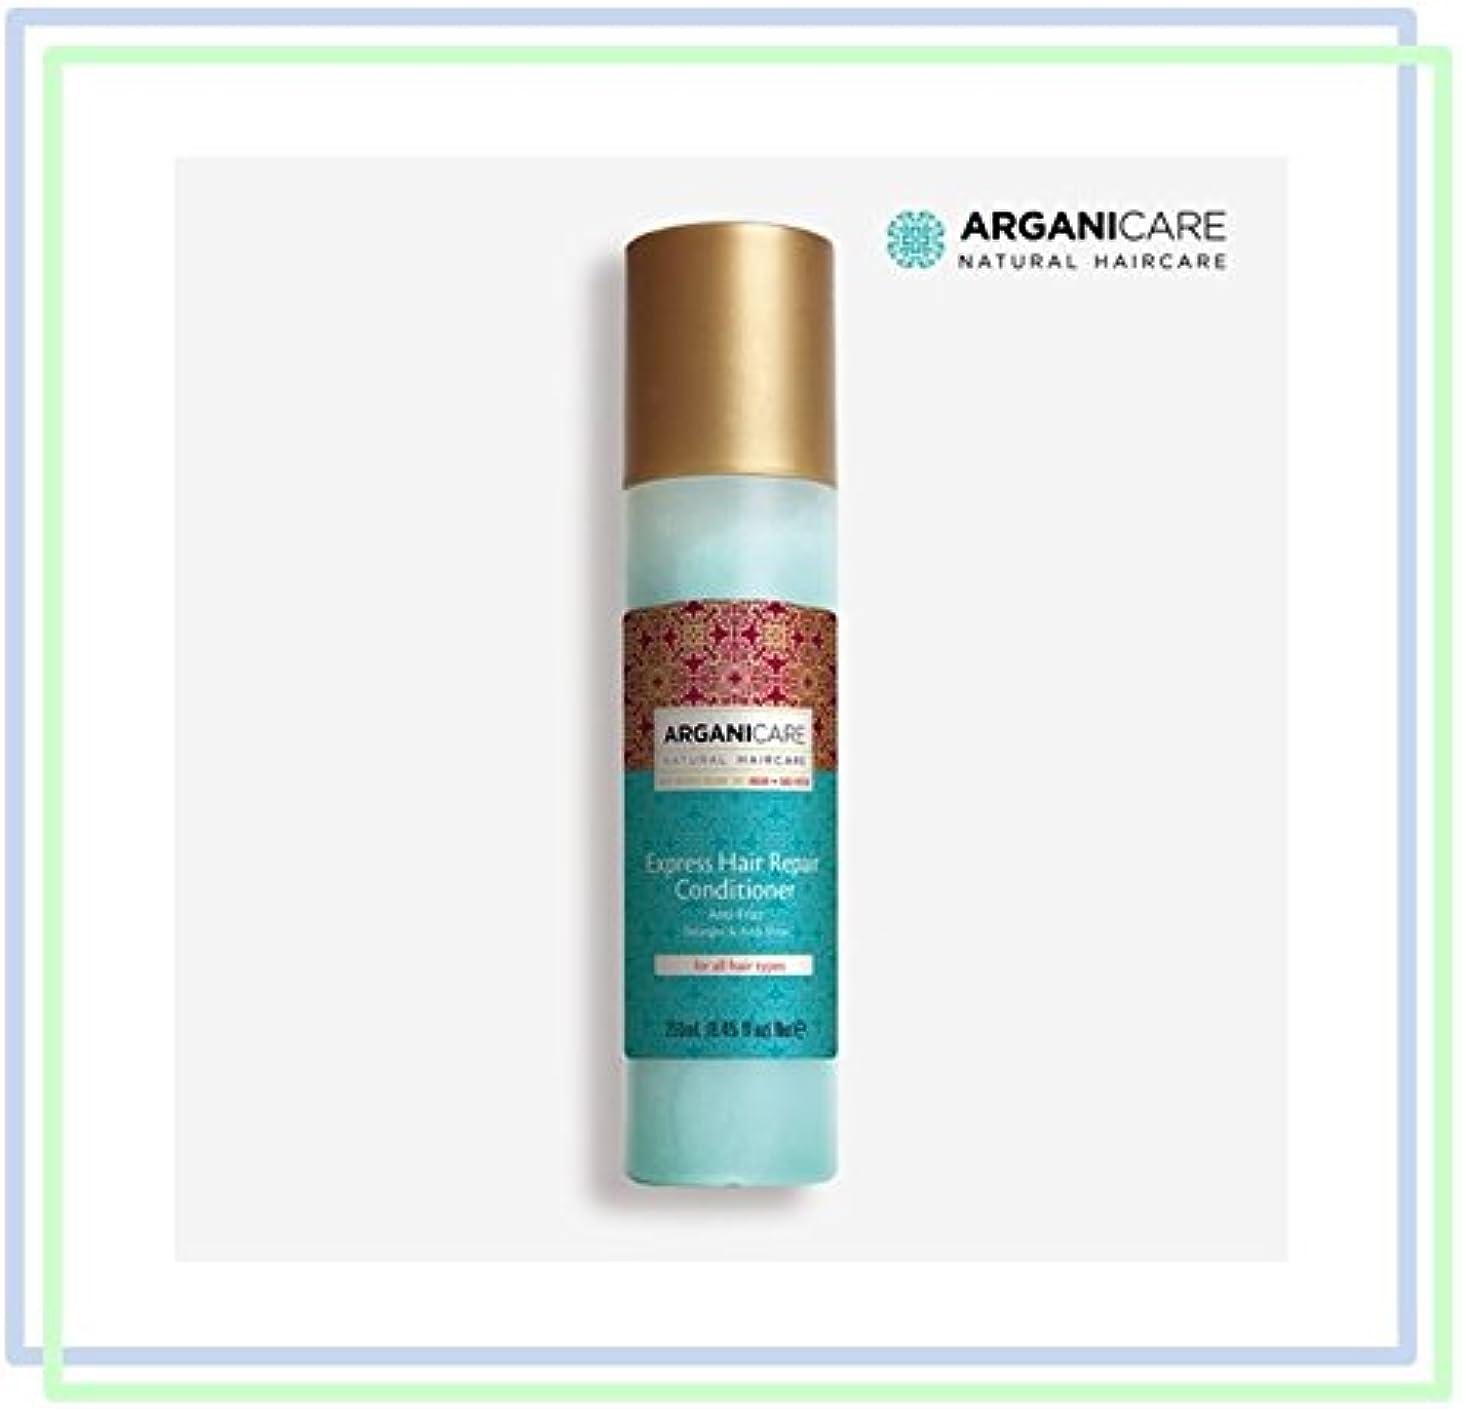 に賛成アラスカ佐賀[アルガニケア][ARGANICARE]エクスプレス ヘアリペア コンディショナー Express Hair Repair Conditioner [並行輸入品]